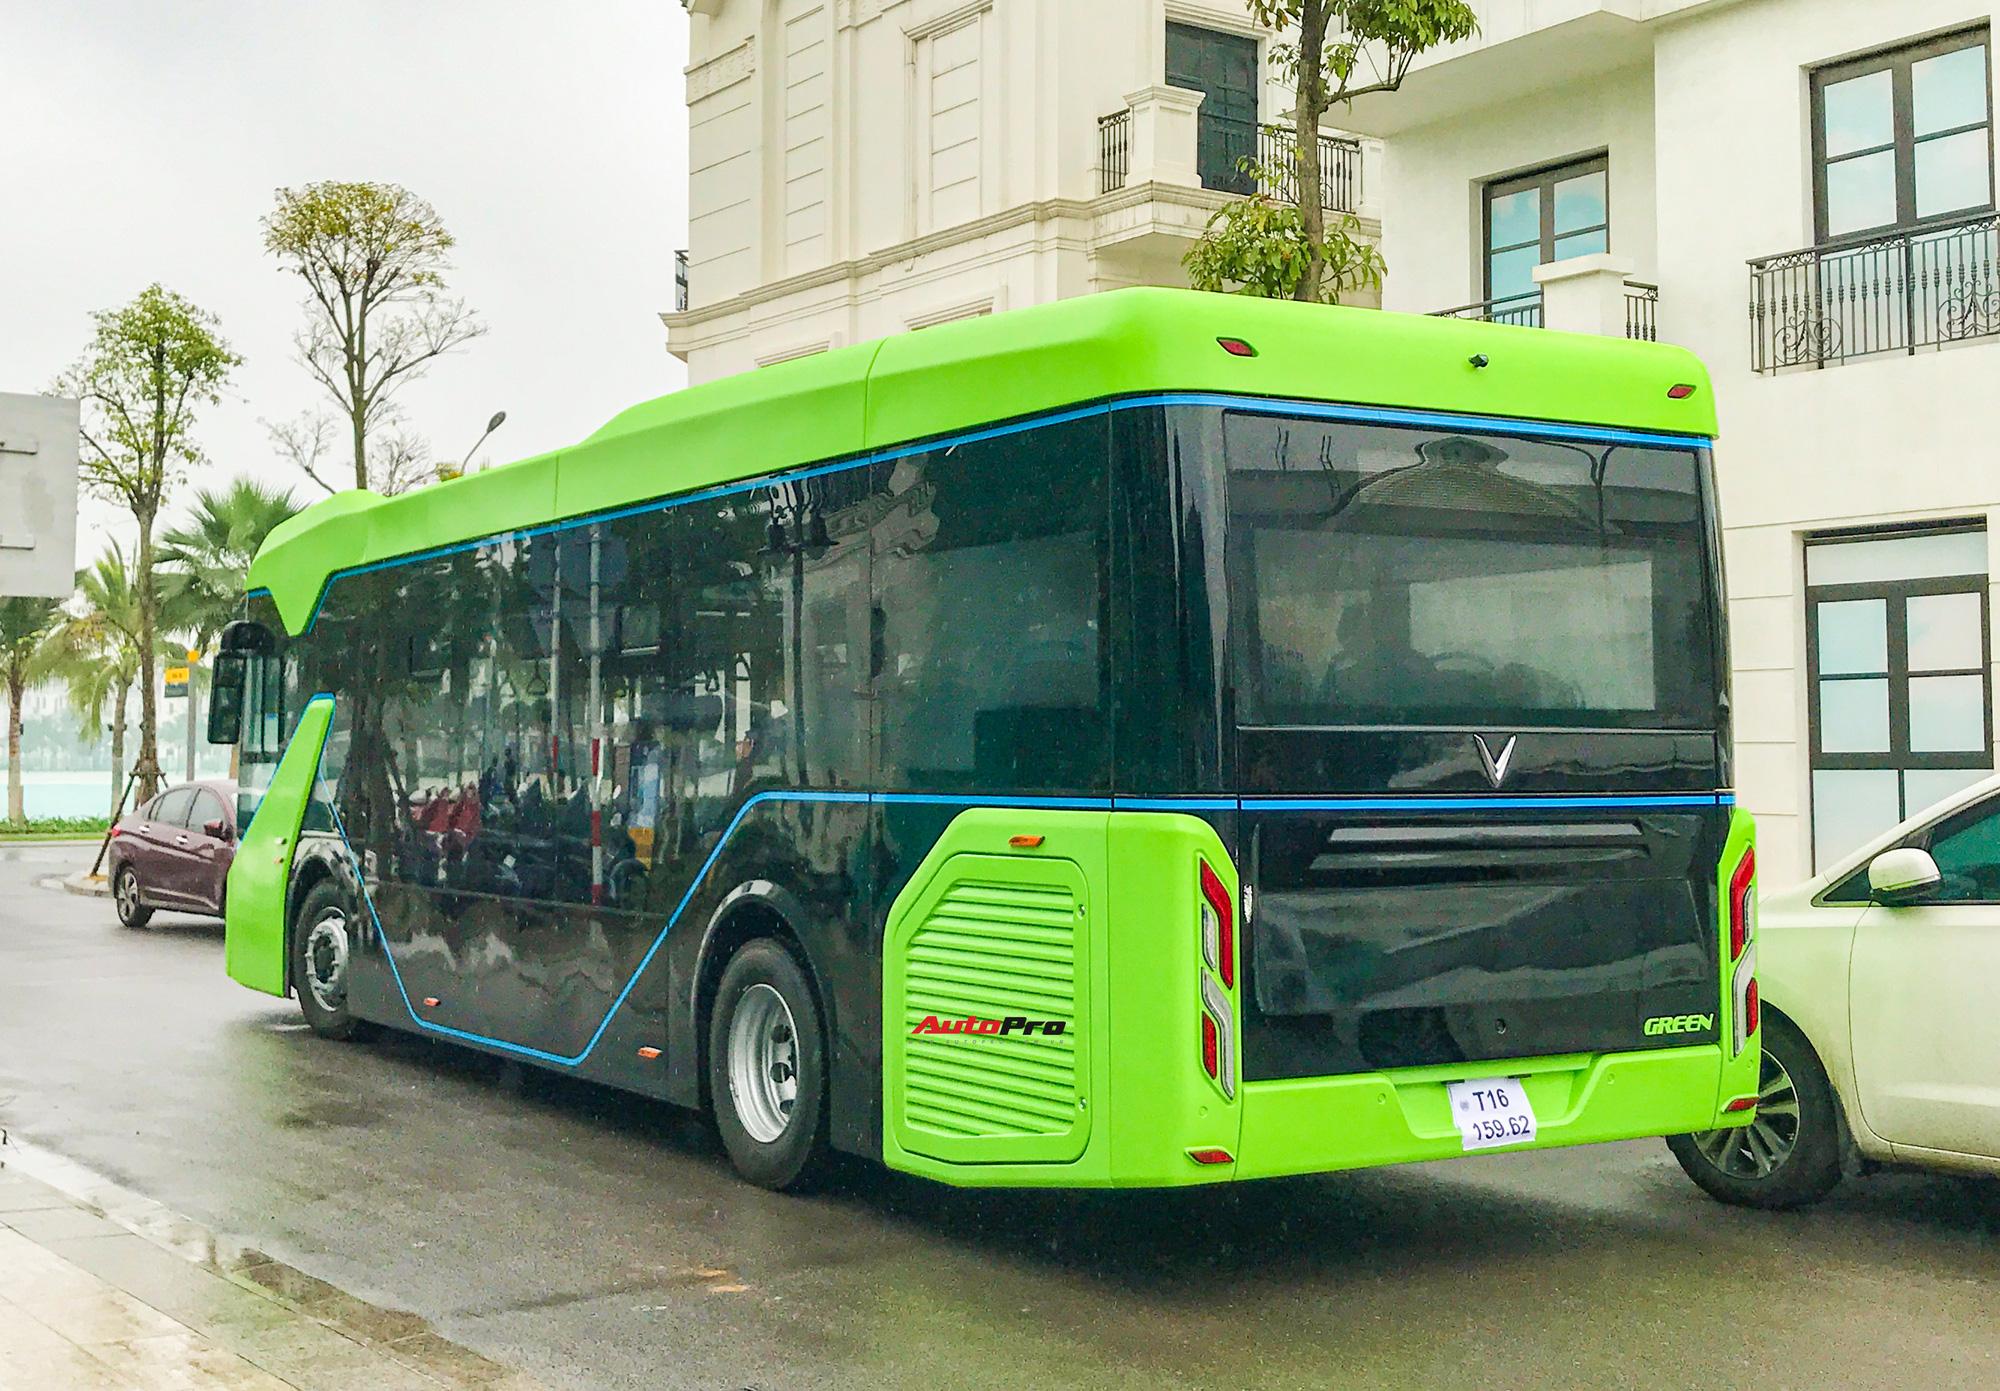 vinbus 4 16173352144041037808508 VinBus đầu tiên lăn bánh tại Hà Nội: Êm, không khí thải, bãi đỗ có pin mặt trời, có khu rửa xe riêng 'xịn sò'